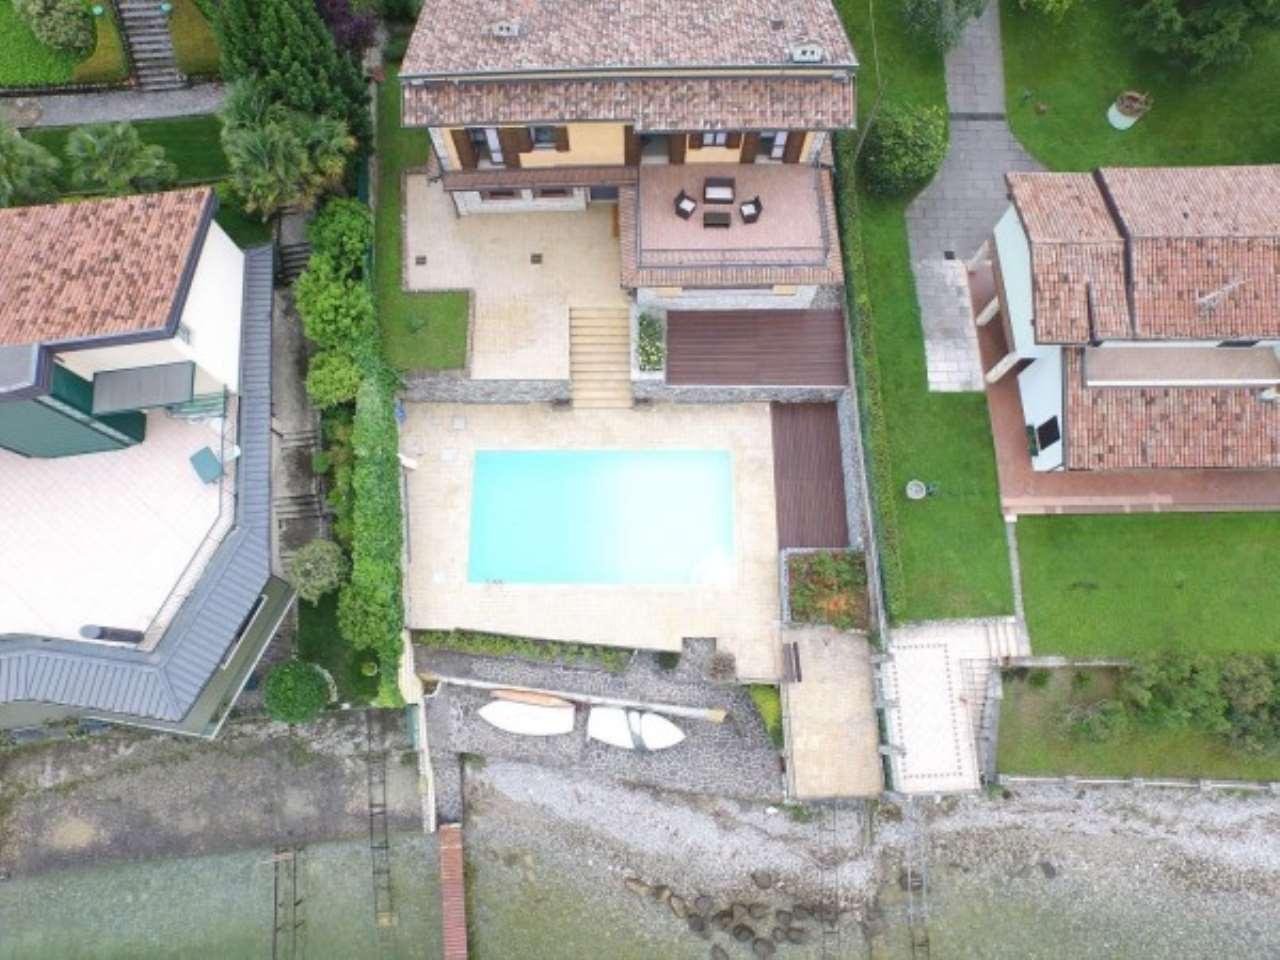 Villa in vendita a San Felice del Benaco, 6 locali, Trattative riservate | Cambio Casa.it